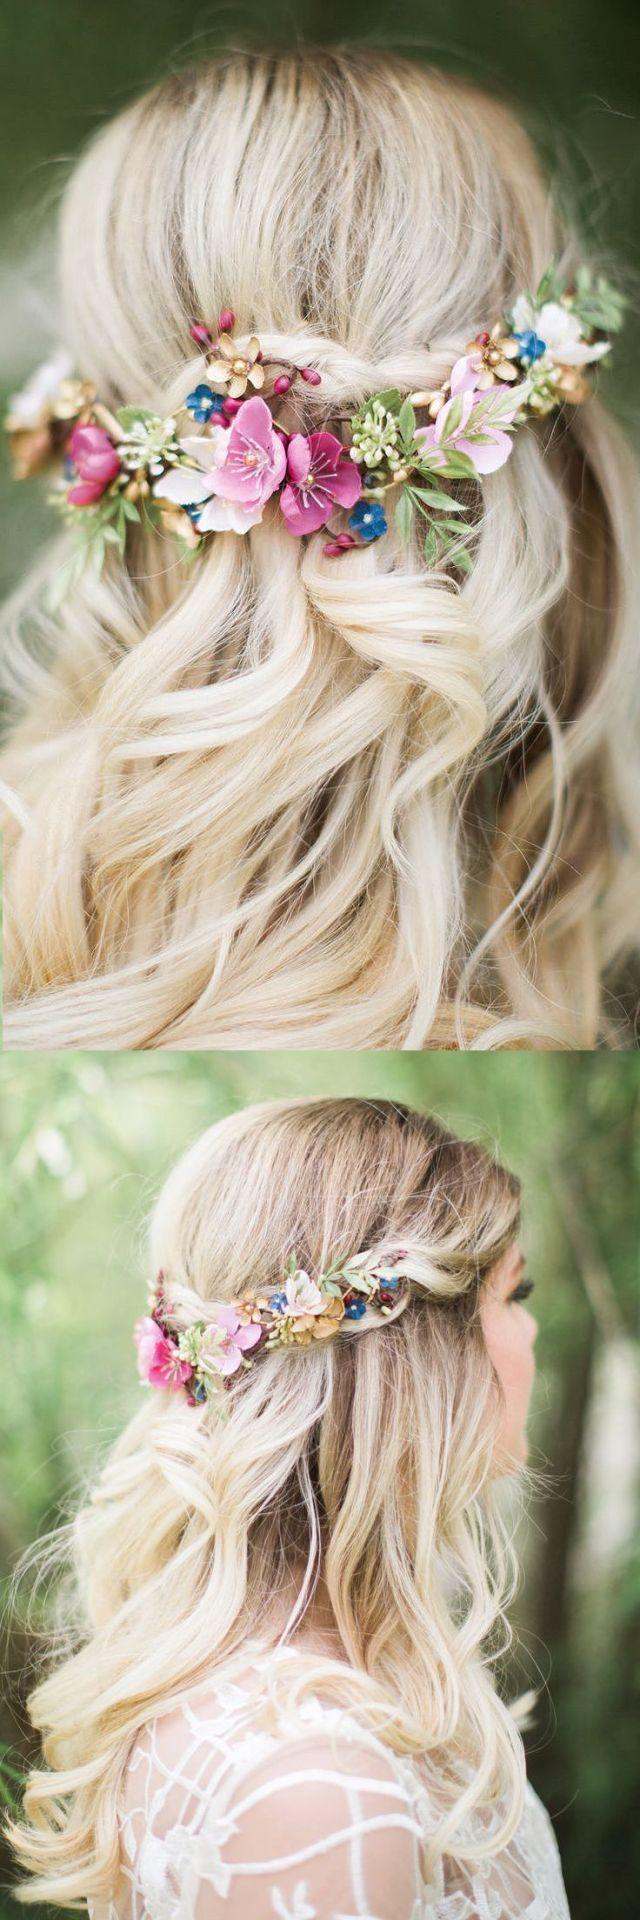 Frühlings-Sommer-Hochzeits-Brautfascinator. Blumen Kopfbedeckung in pink blau grün ... #blumen #brautfascinator #fruhlings #hochzeits #kopfbedeckung #sommer #frühlingblumen